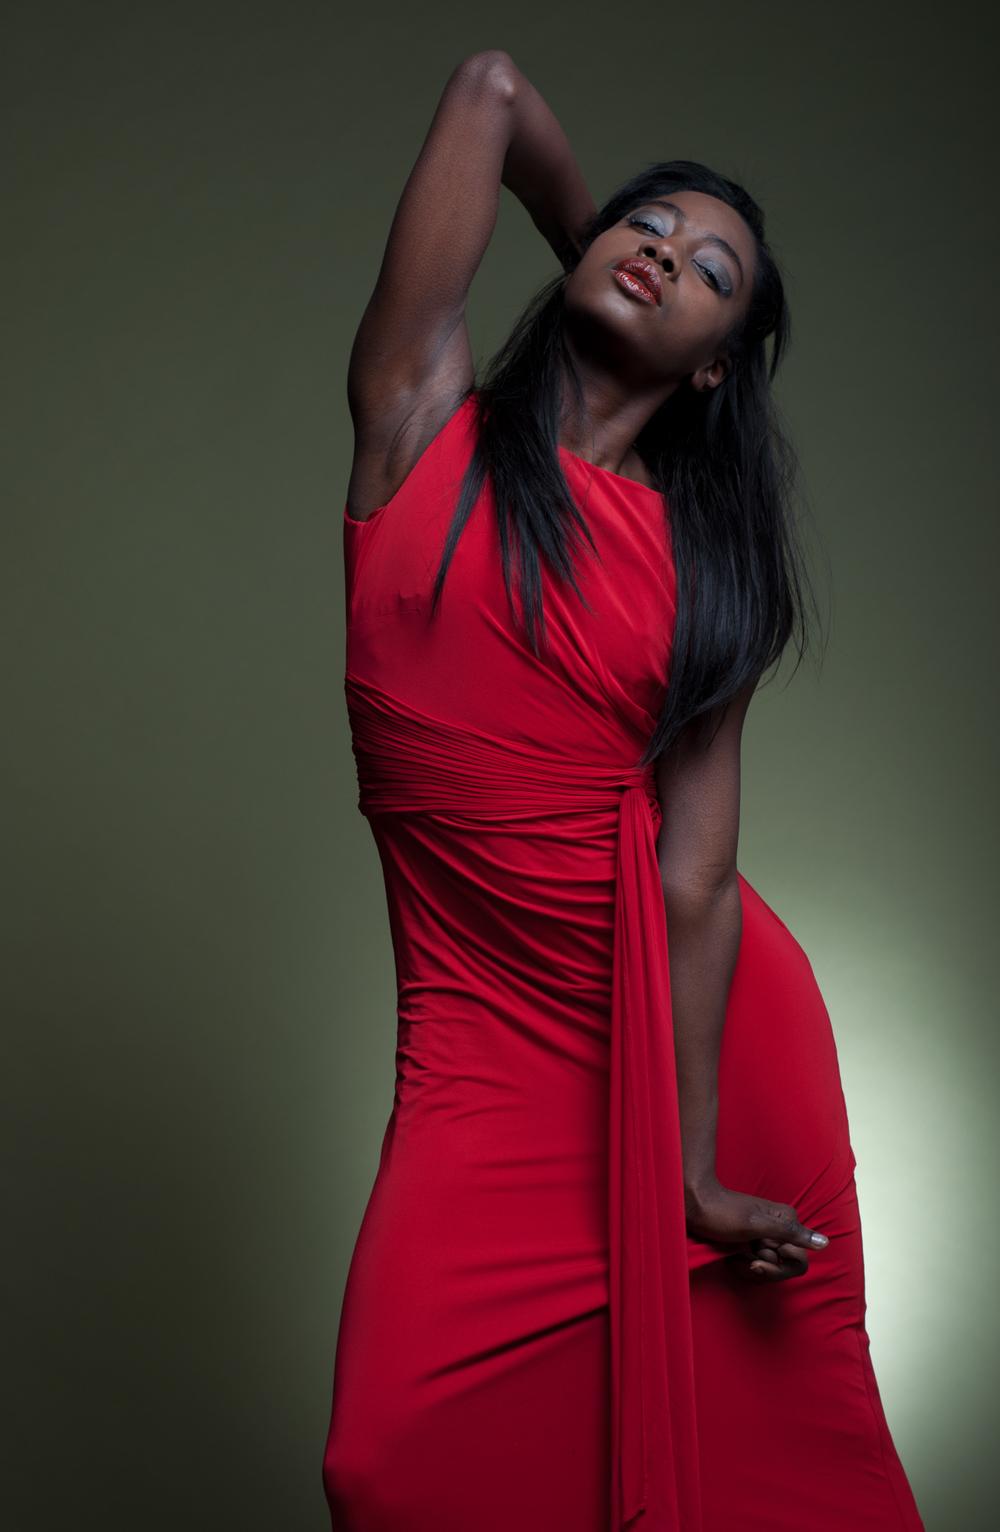 red-dress-4-web.jpg